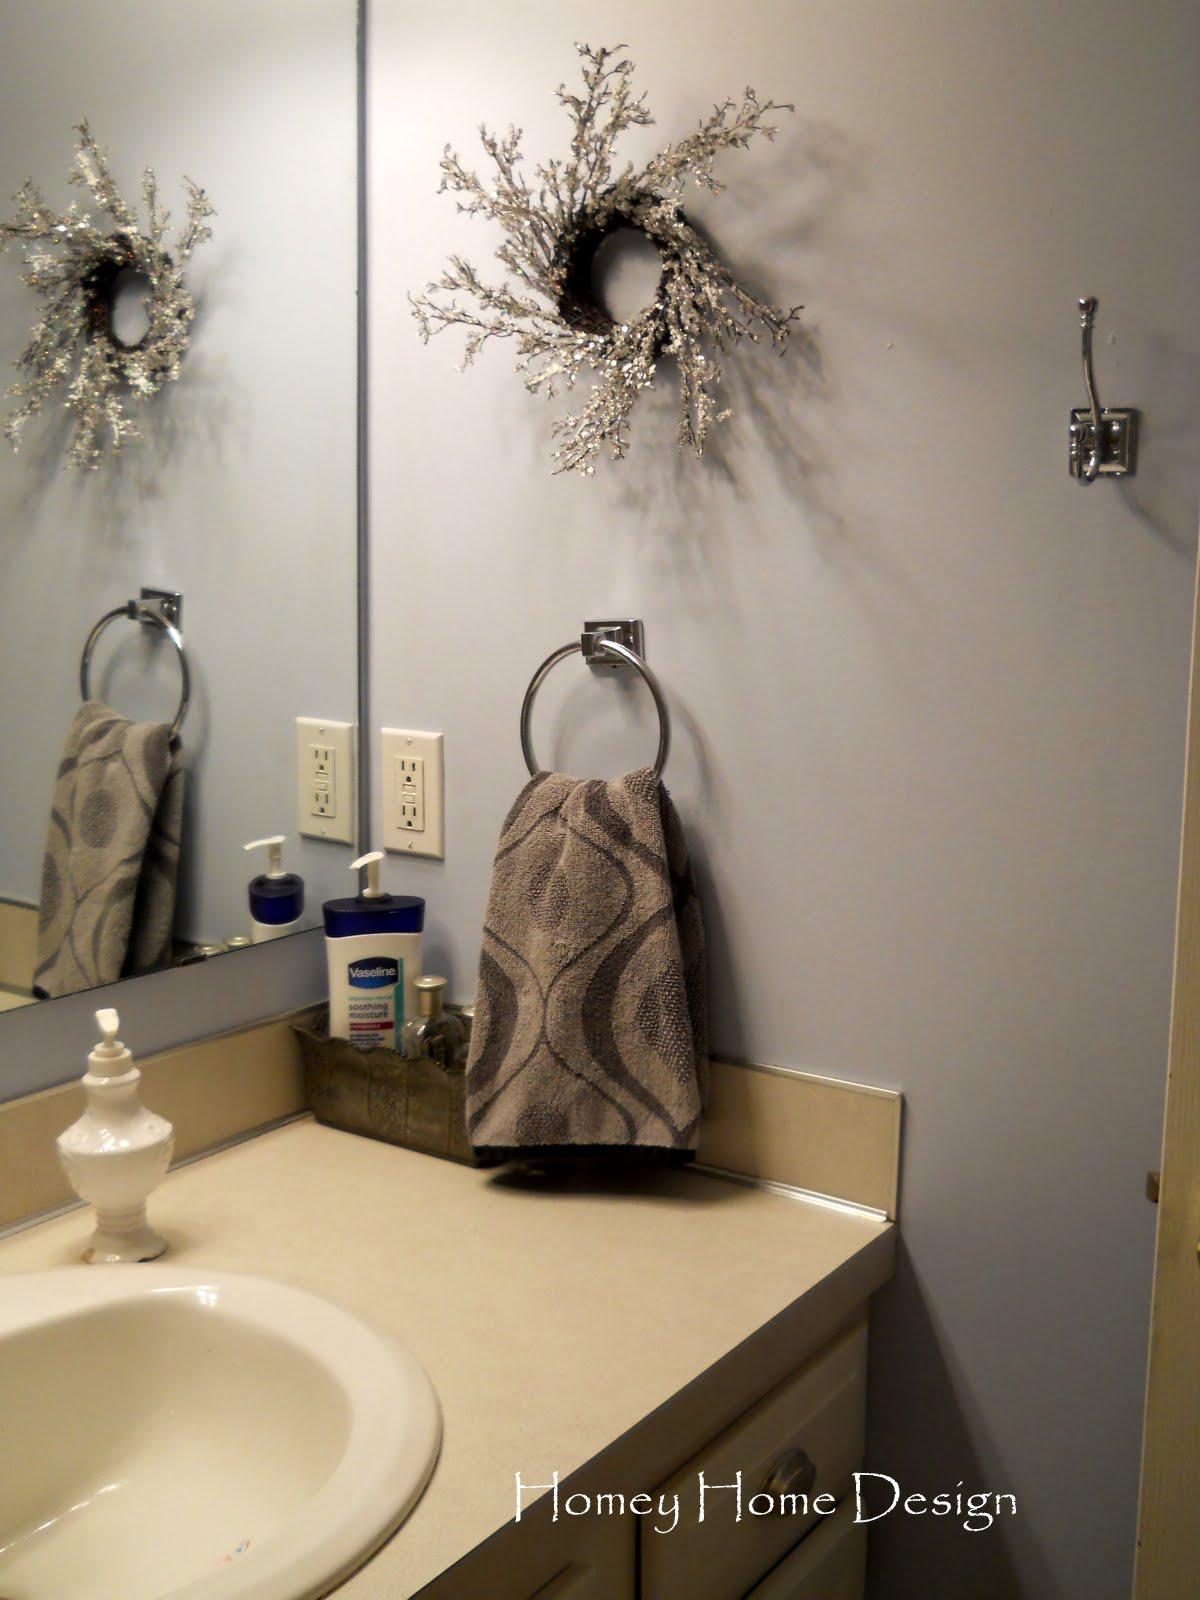 Homey home design christmas in the bathroom for Christmas bathroom decor